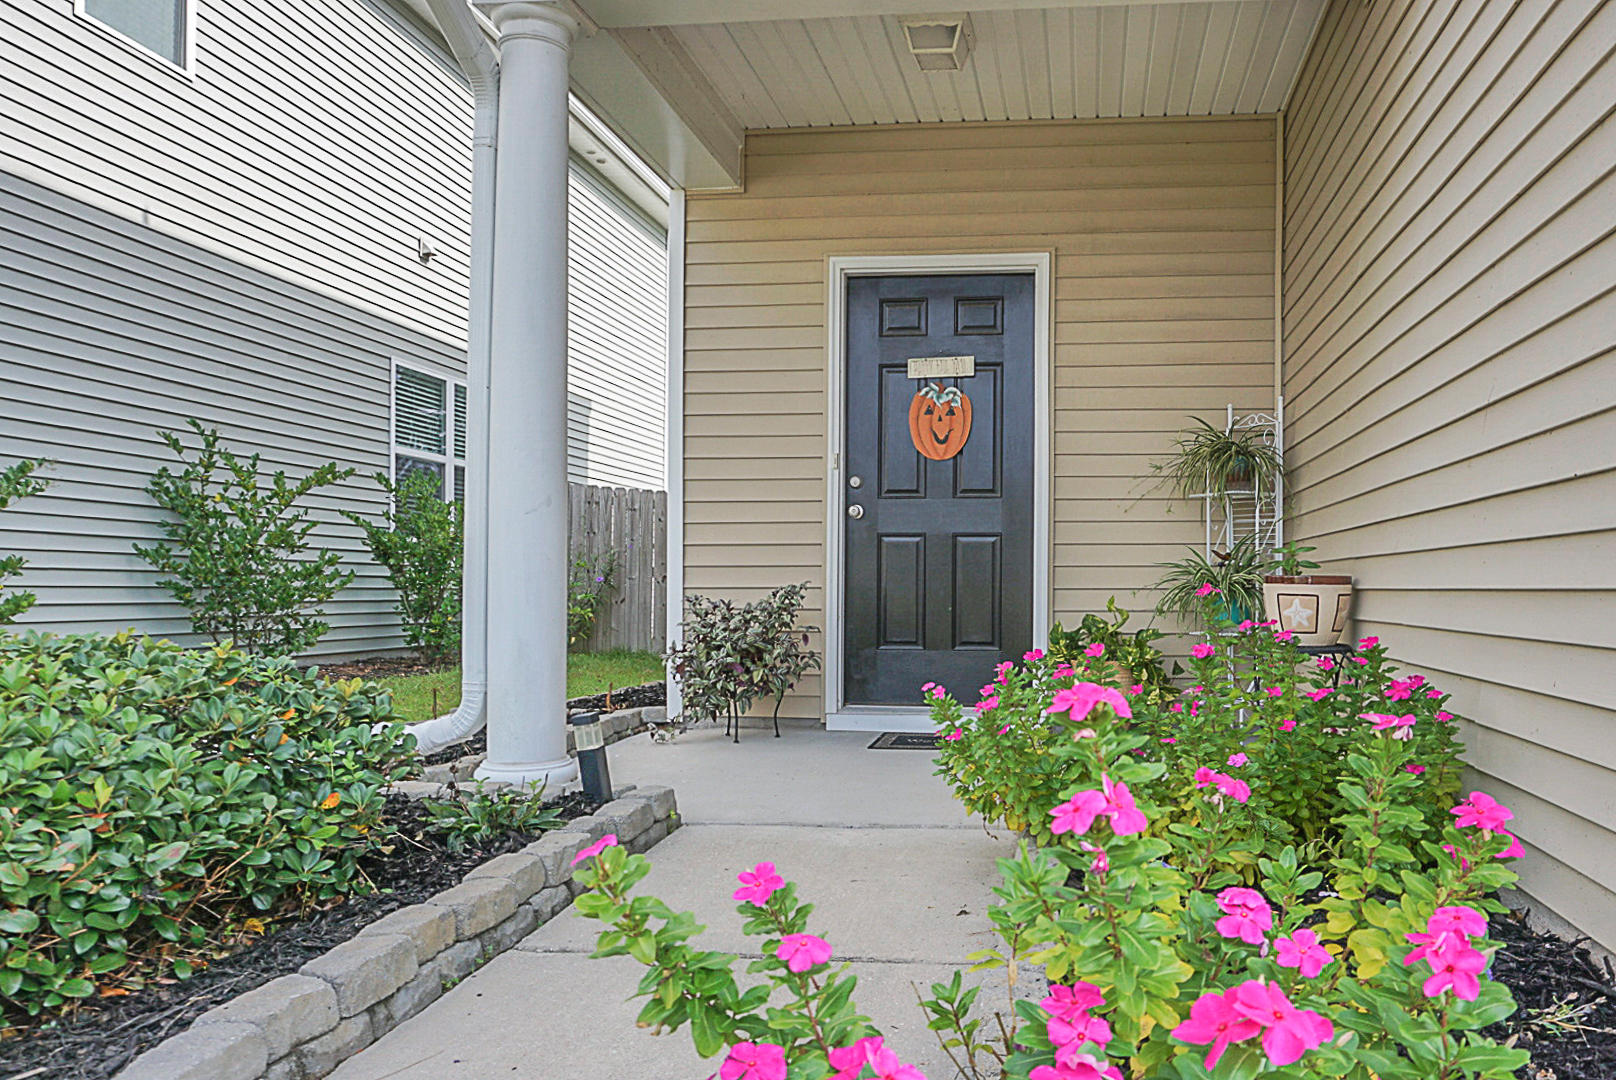 276 Cameron Street Summerville, SC 29486